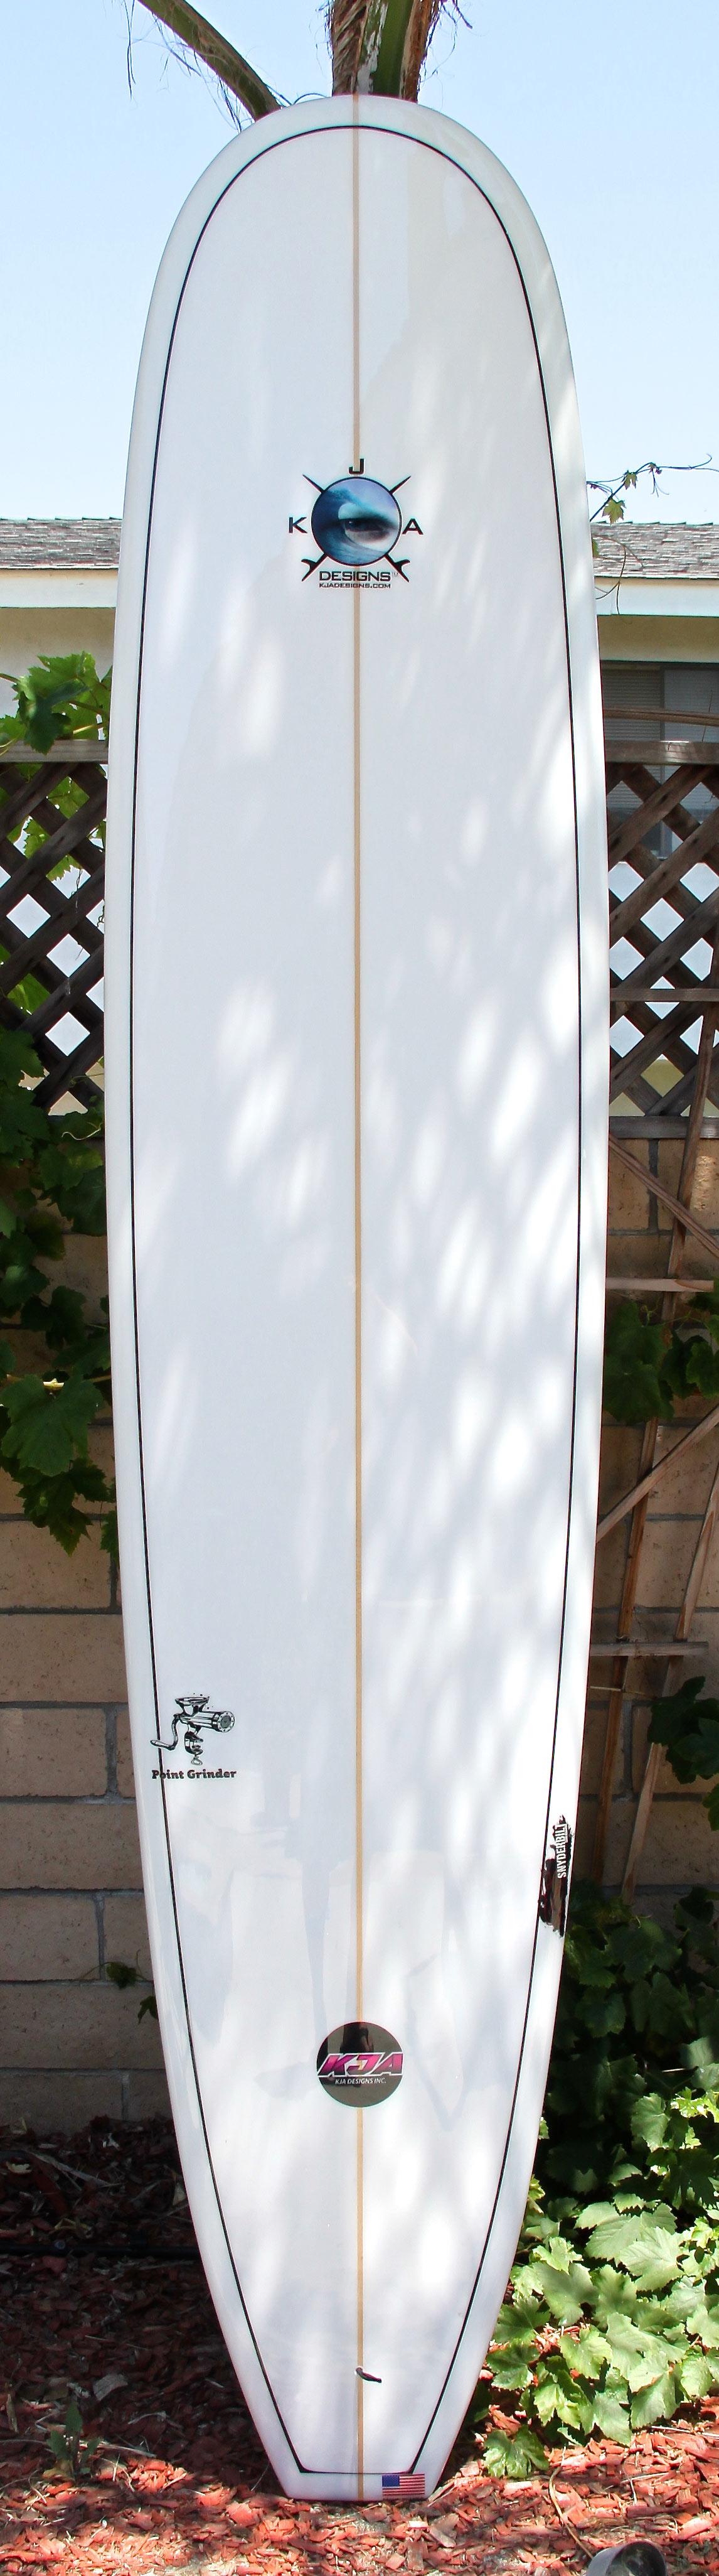 Point Grinder deck